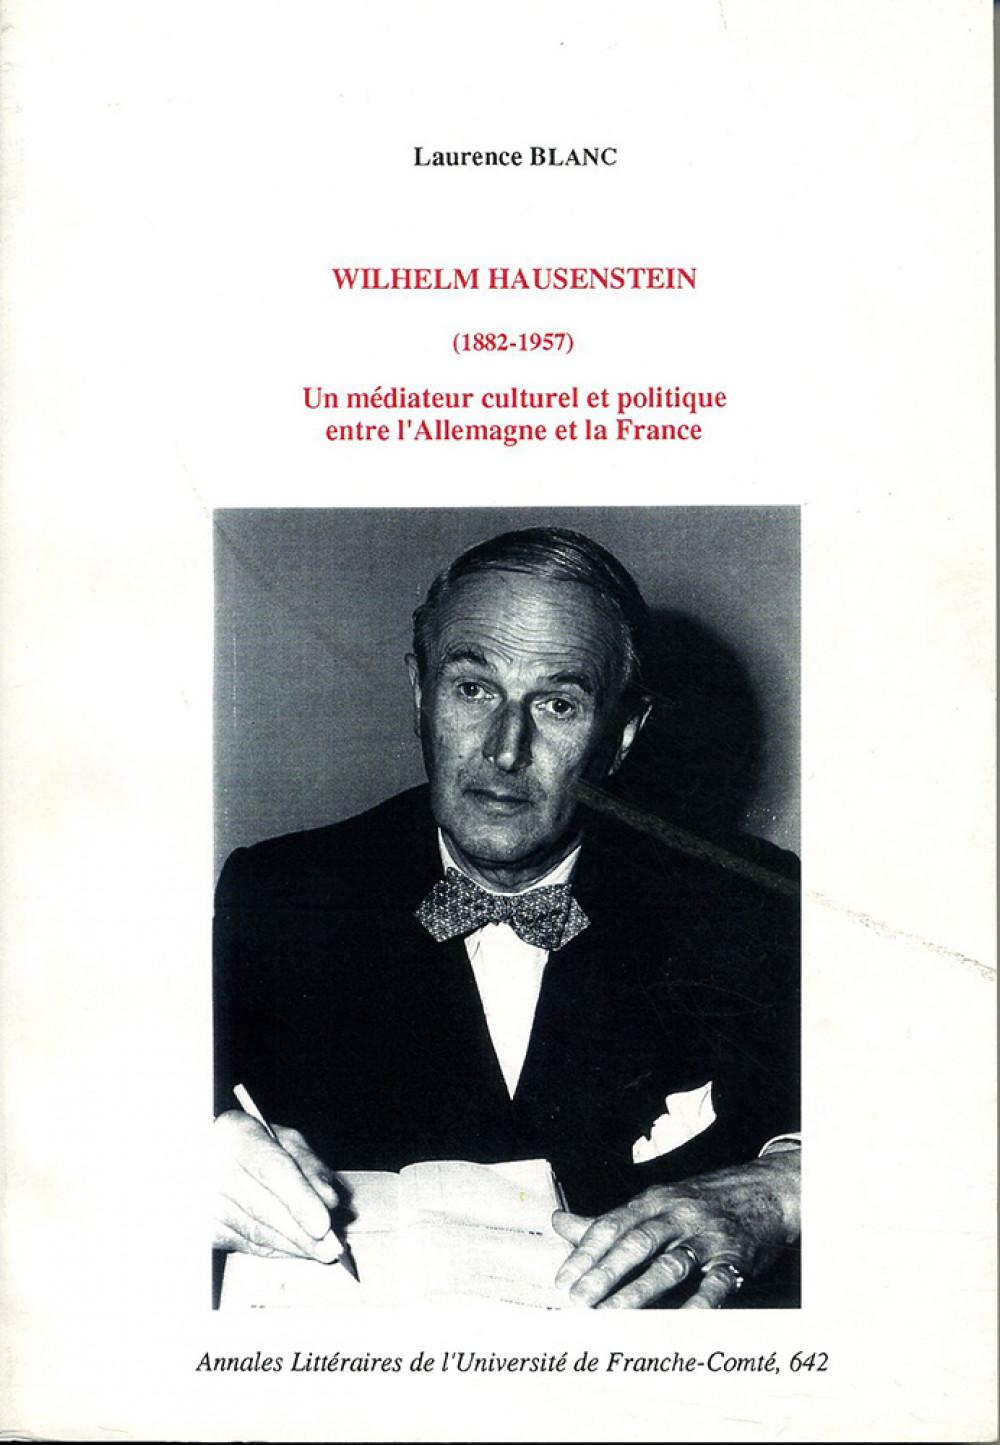 Wilhelm Hausenstein (1882-1957)